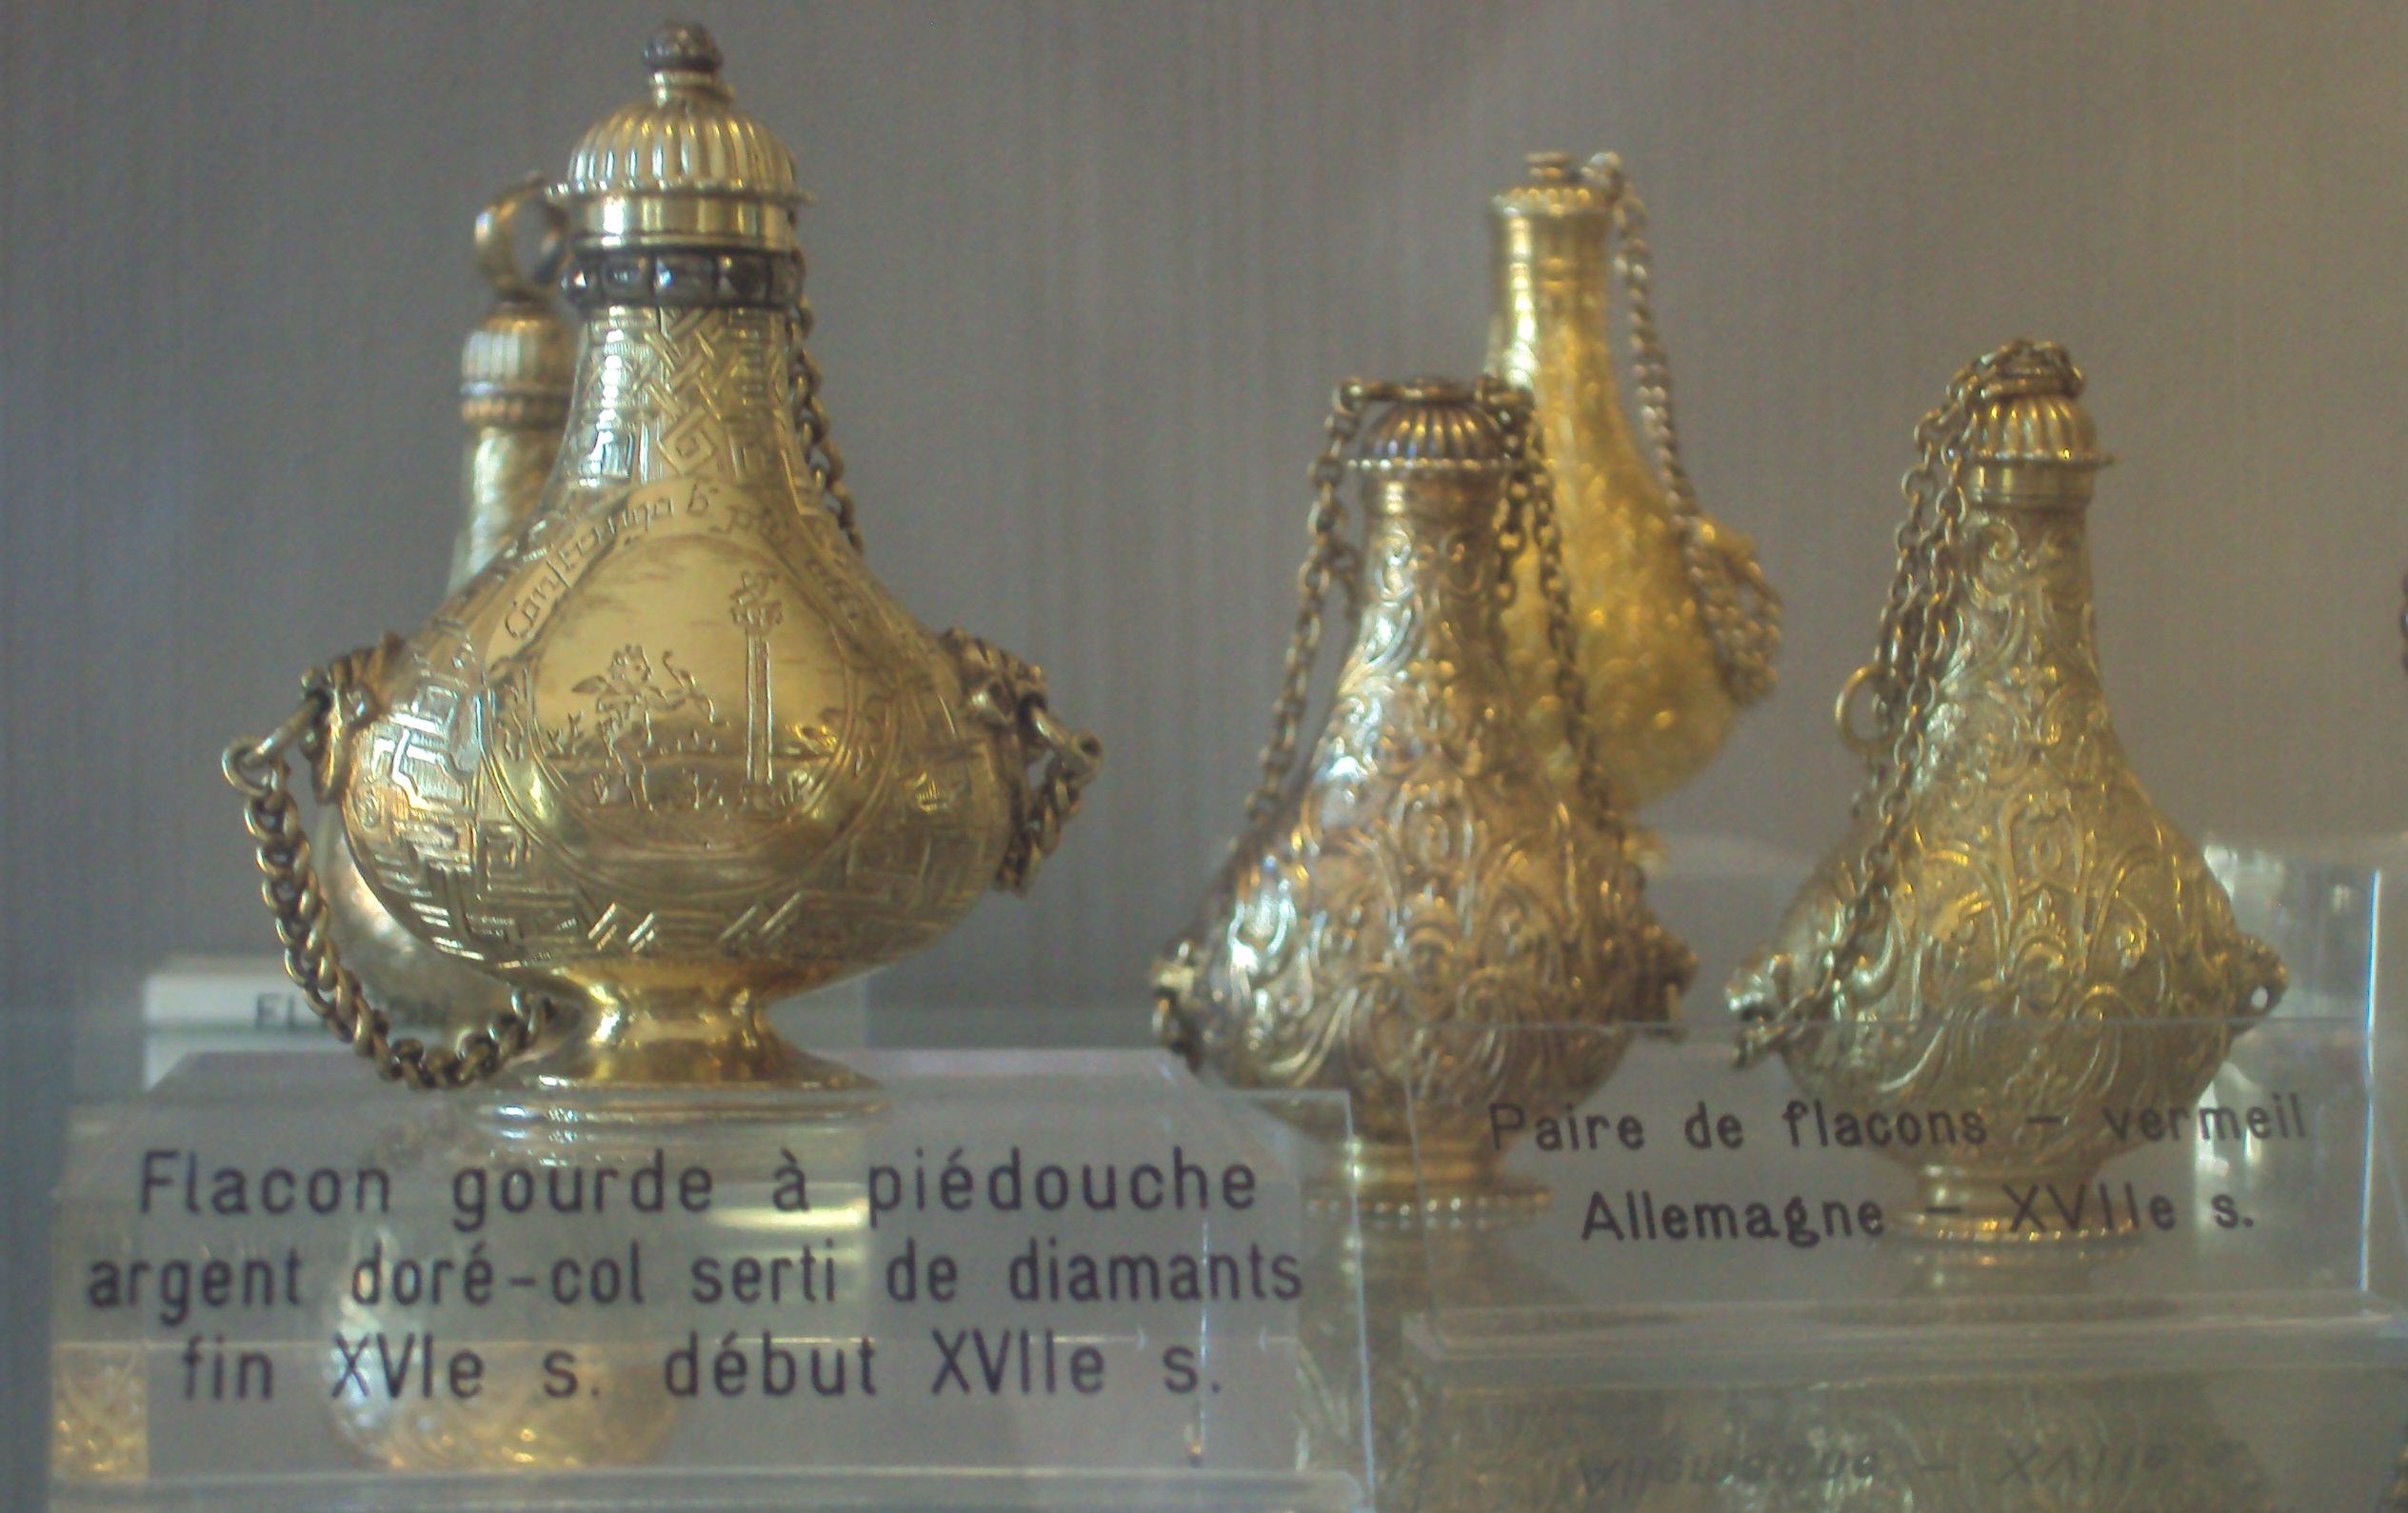 Muzeul Fragonard: sticluțe din sec XVI-lea - XVII-lea cu diamante!